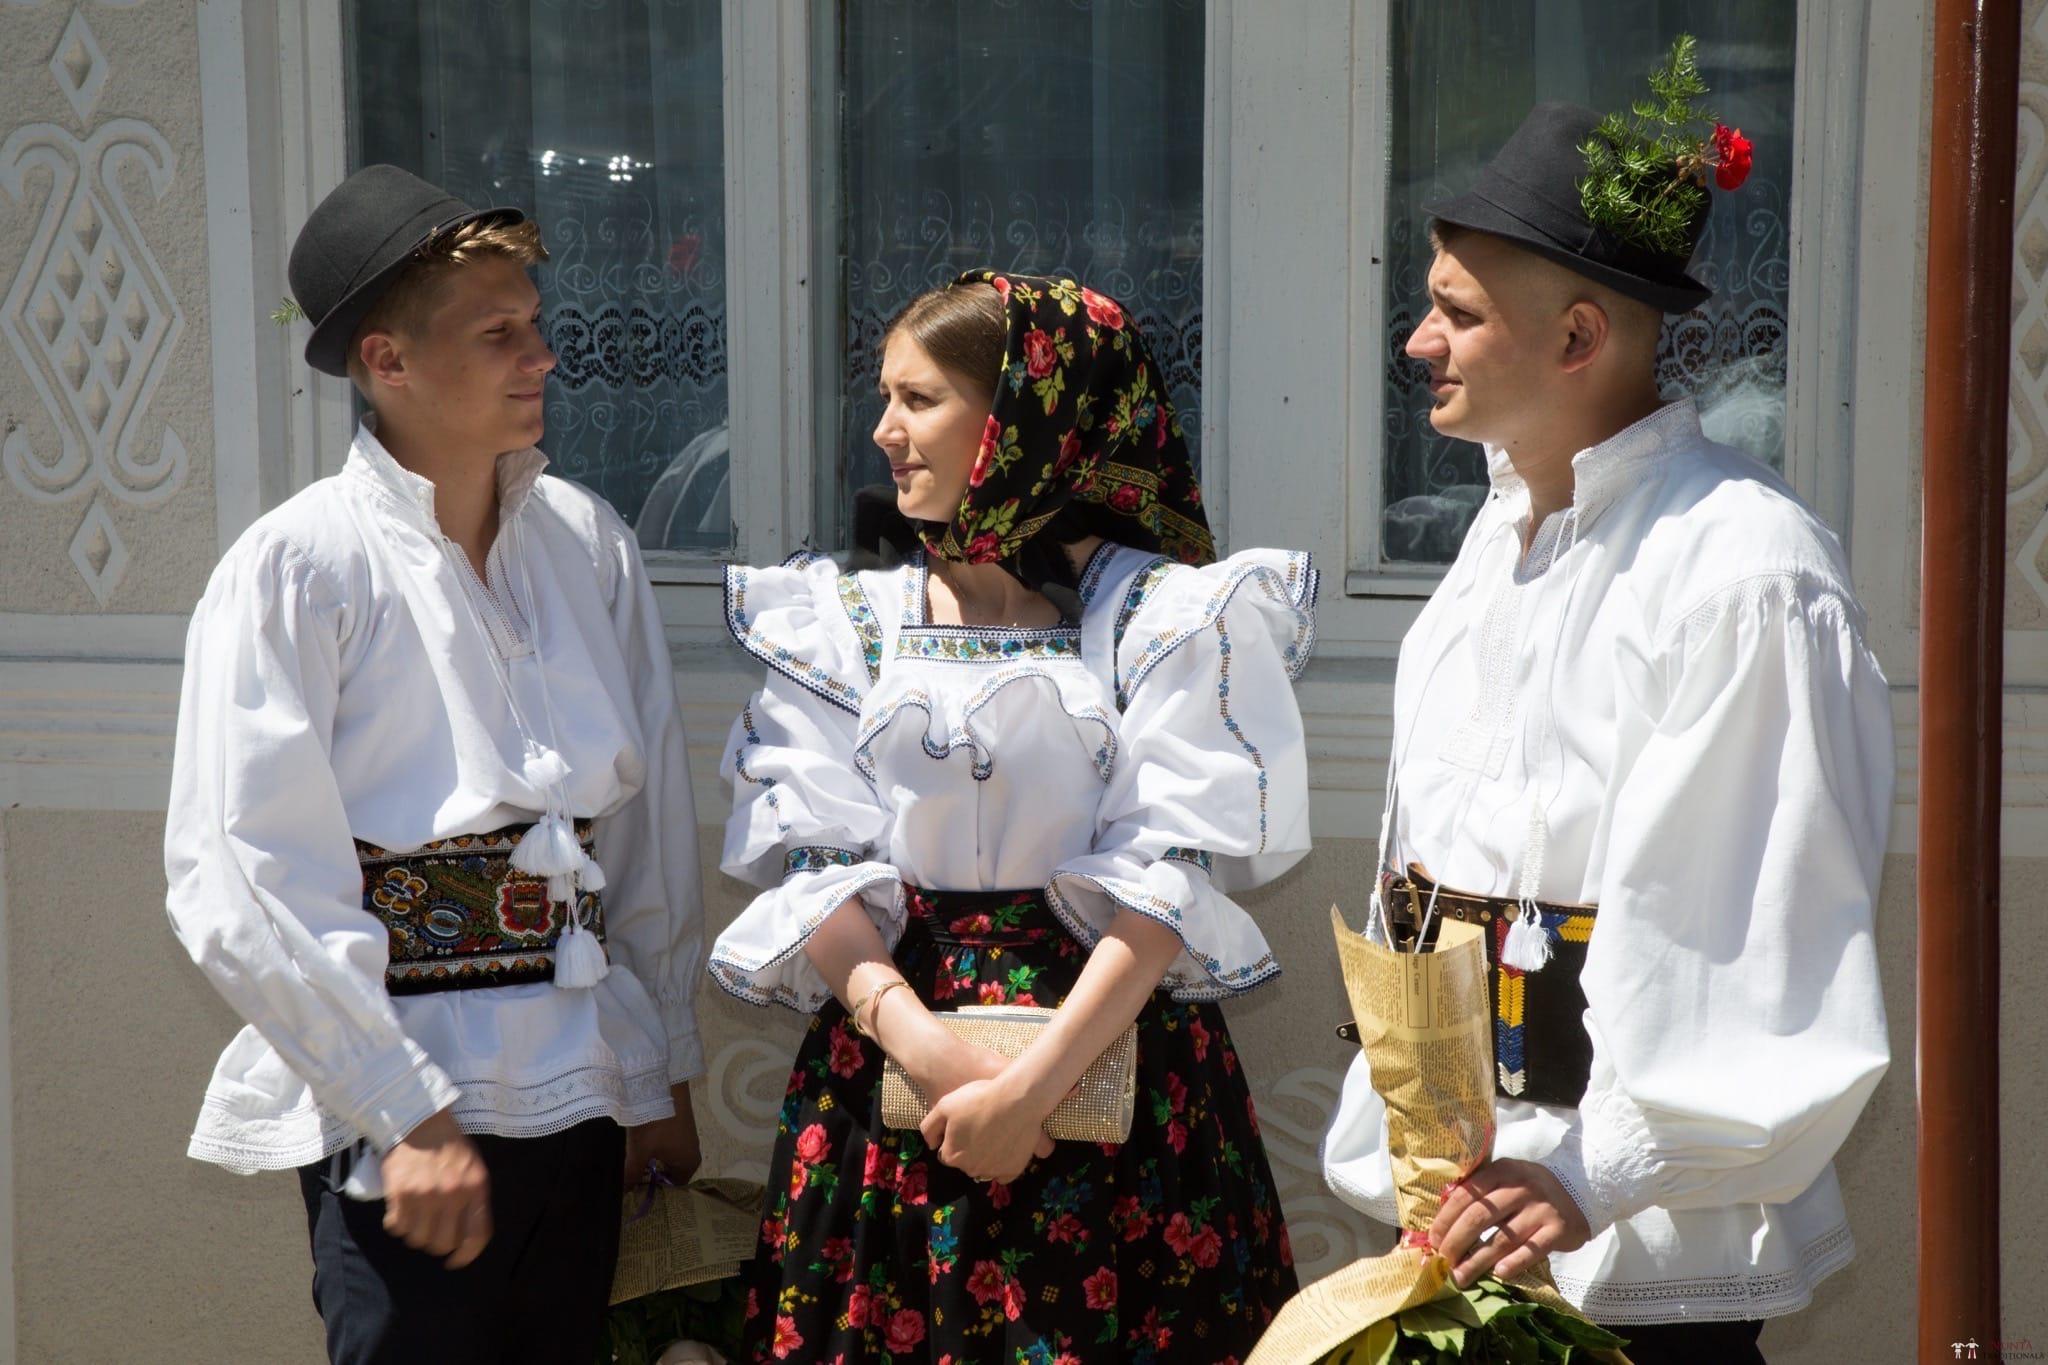 Povești Nunți Tradiționale - Ancuța și Nicu, cununie tradițională în Giulești, Maramureș 9